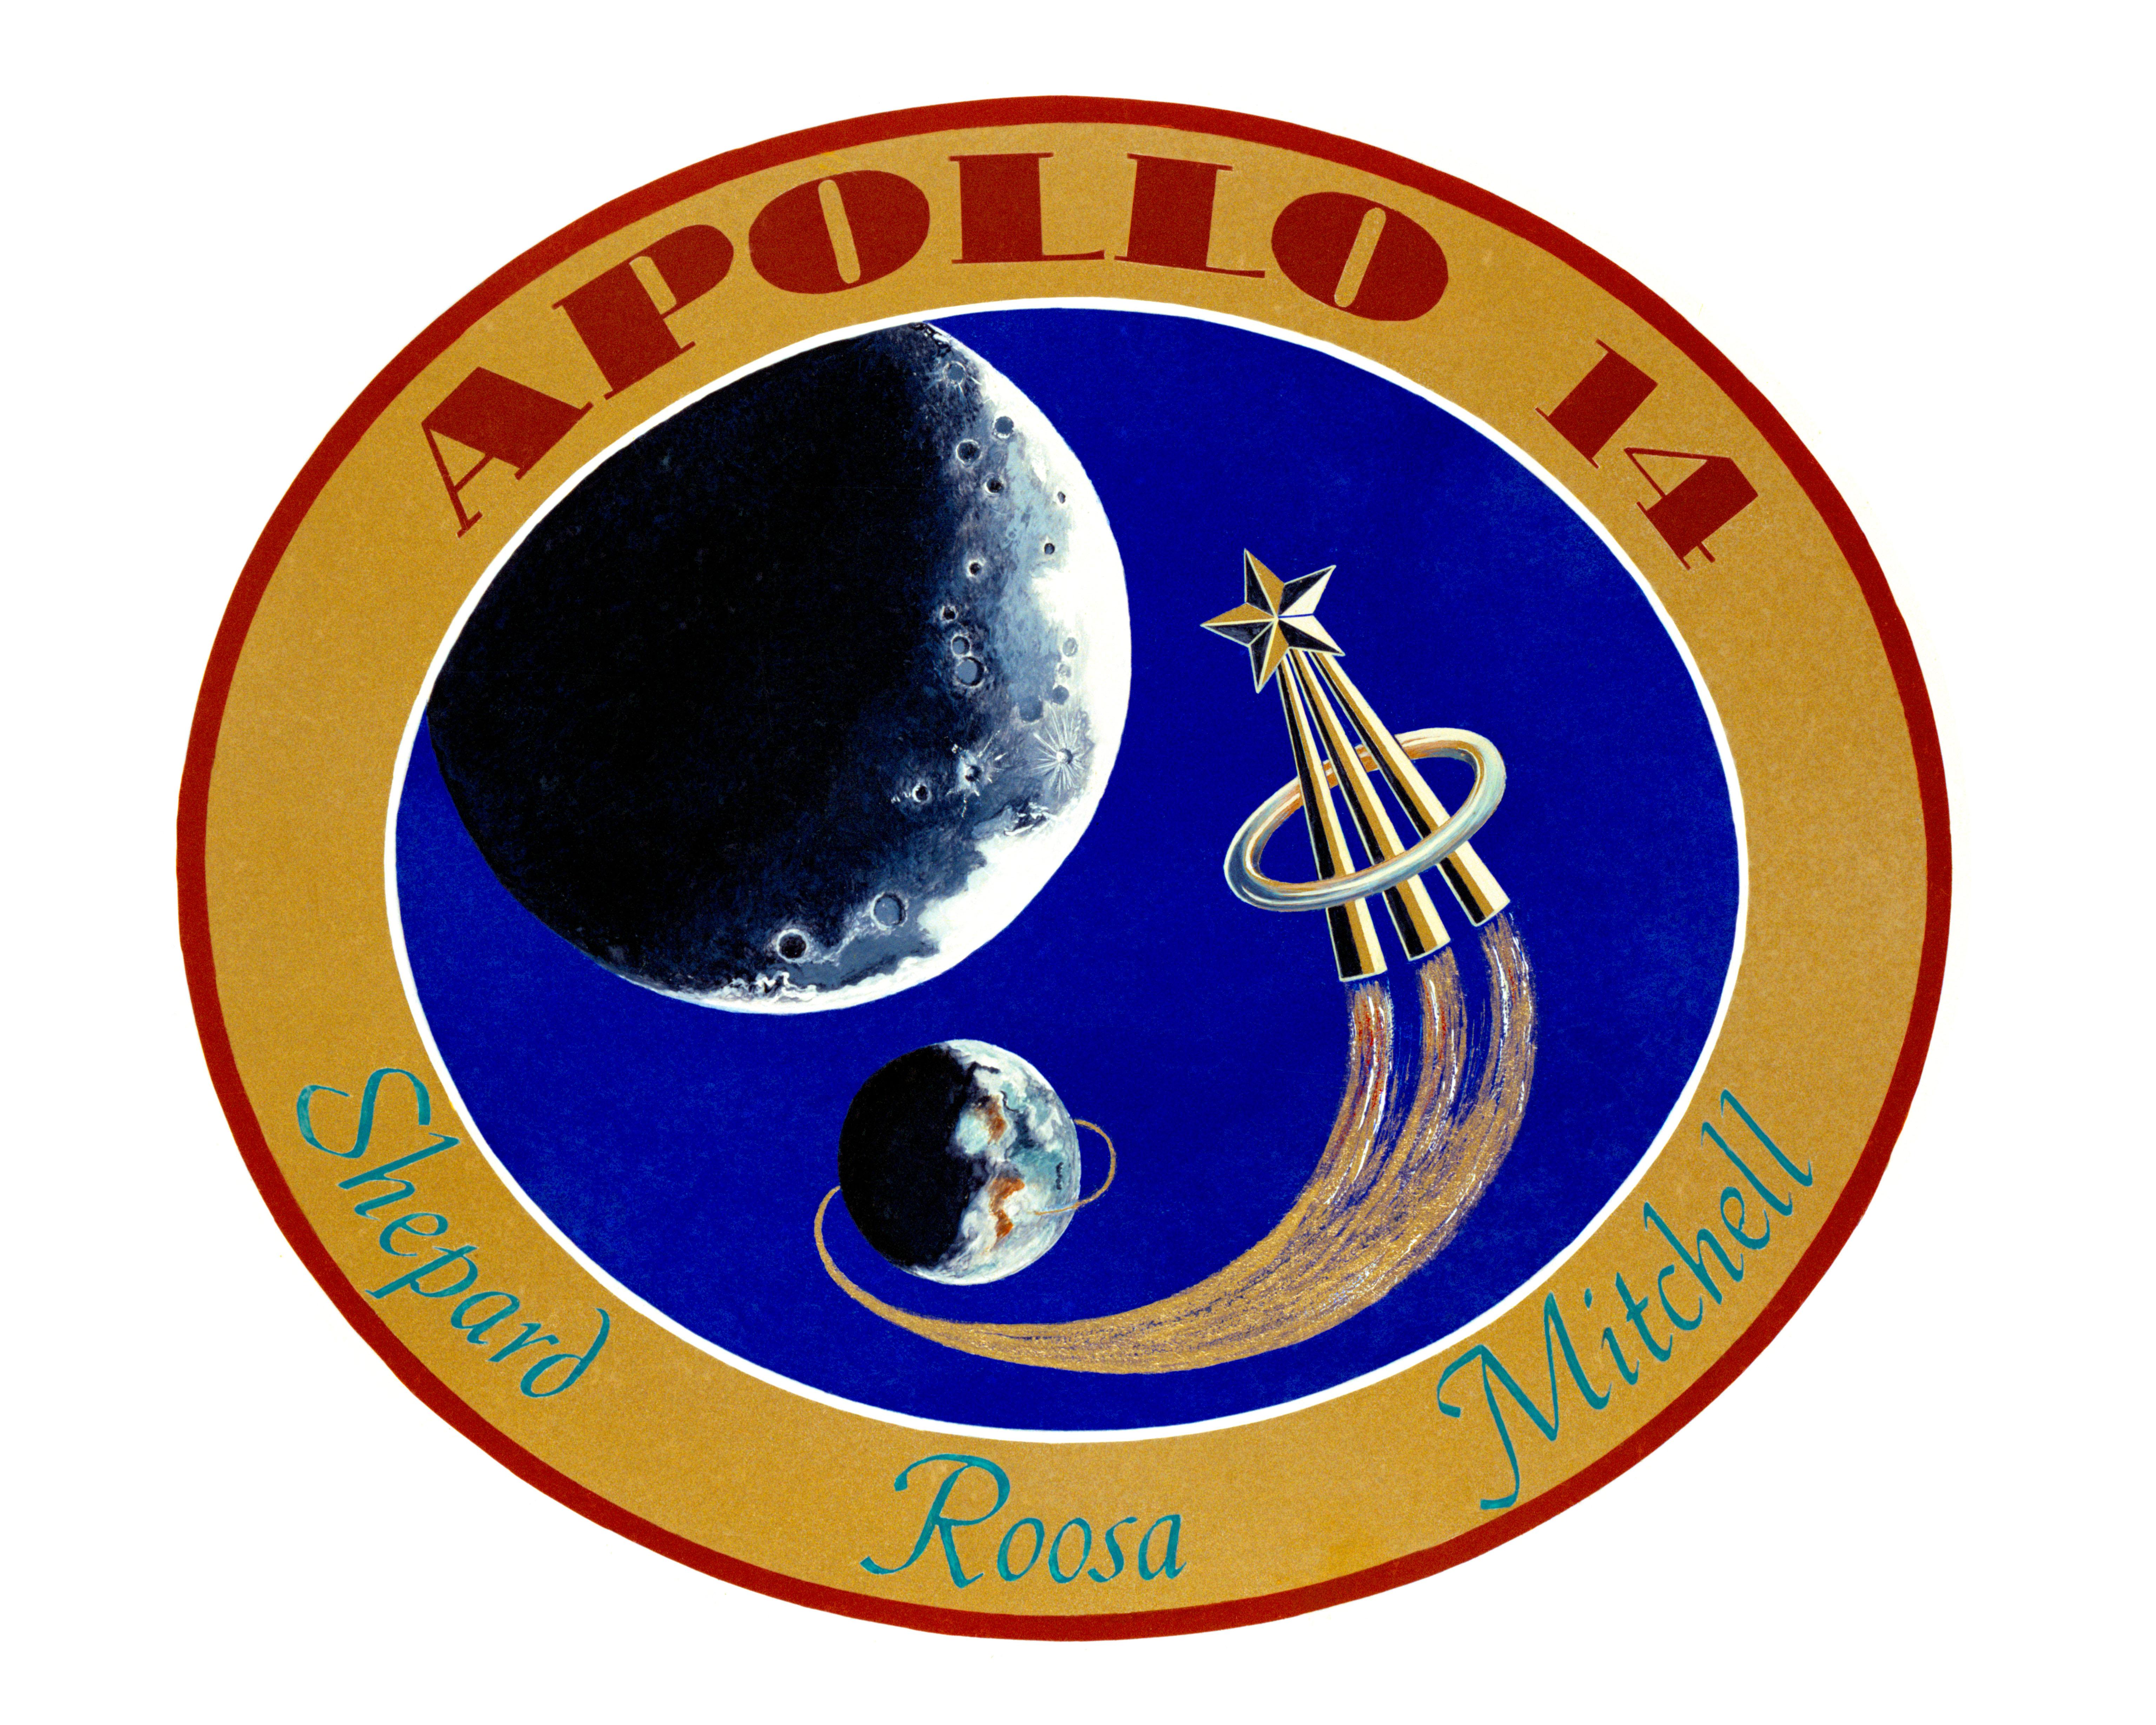 11 14 apollo mission symbol - photo #6